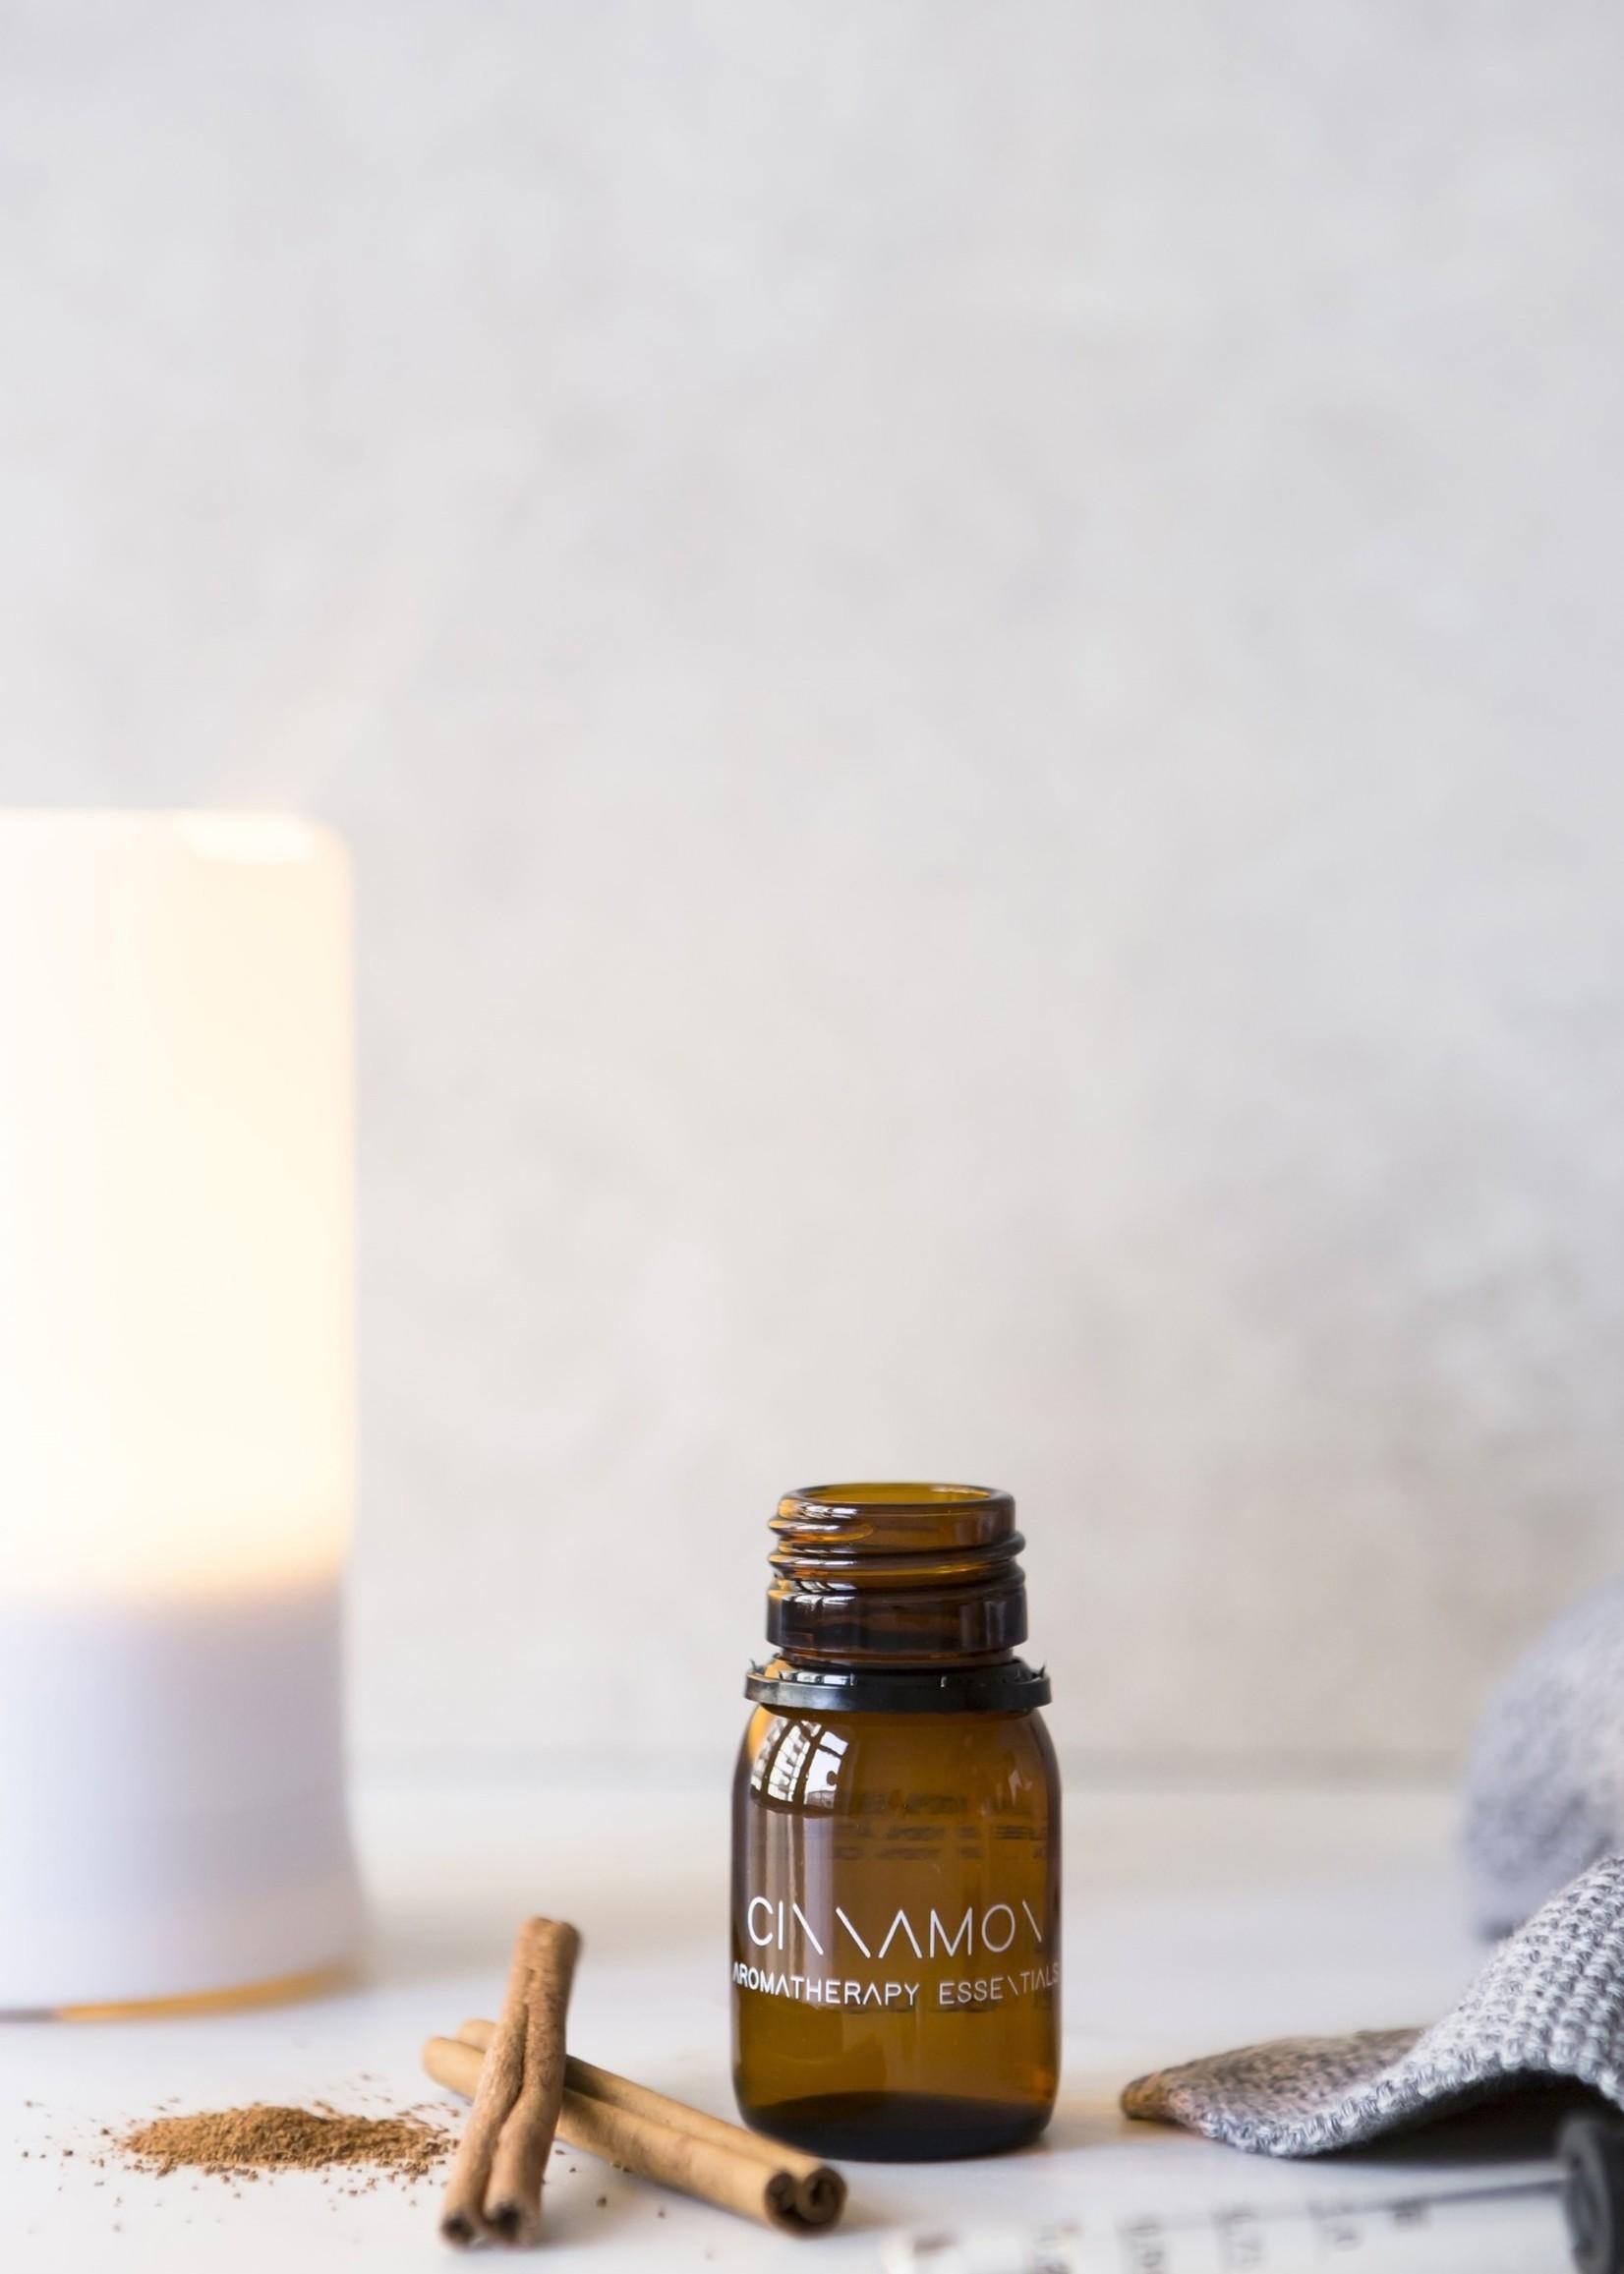 Rainpharma Essential Oil Cinnamon 30ml